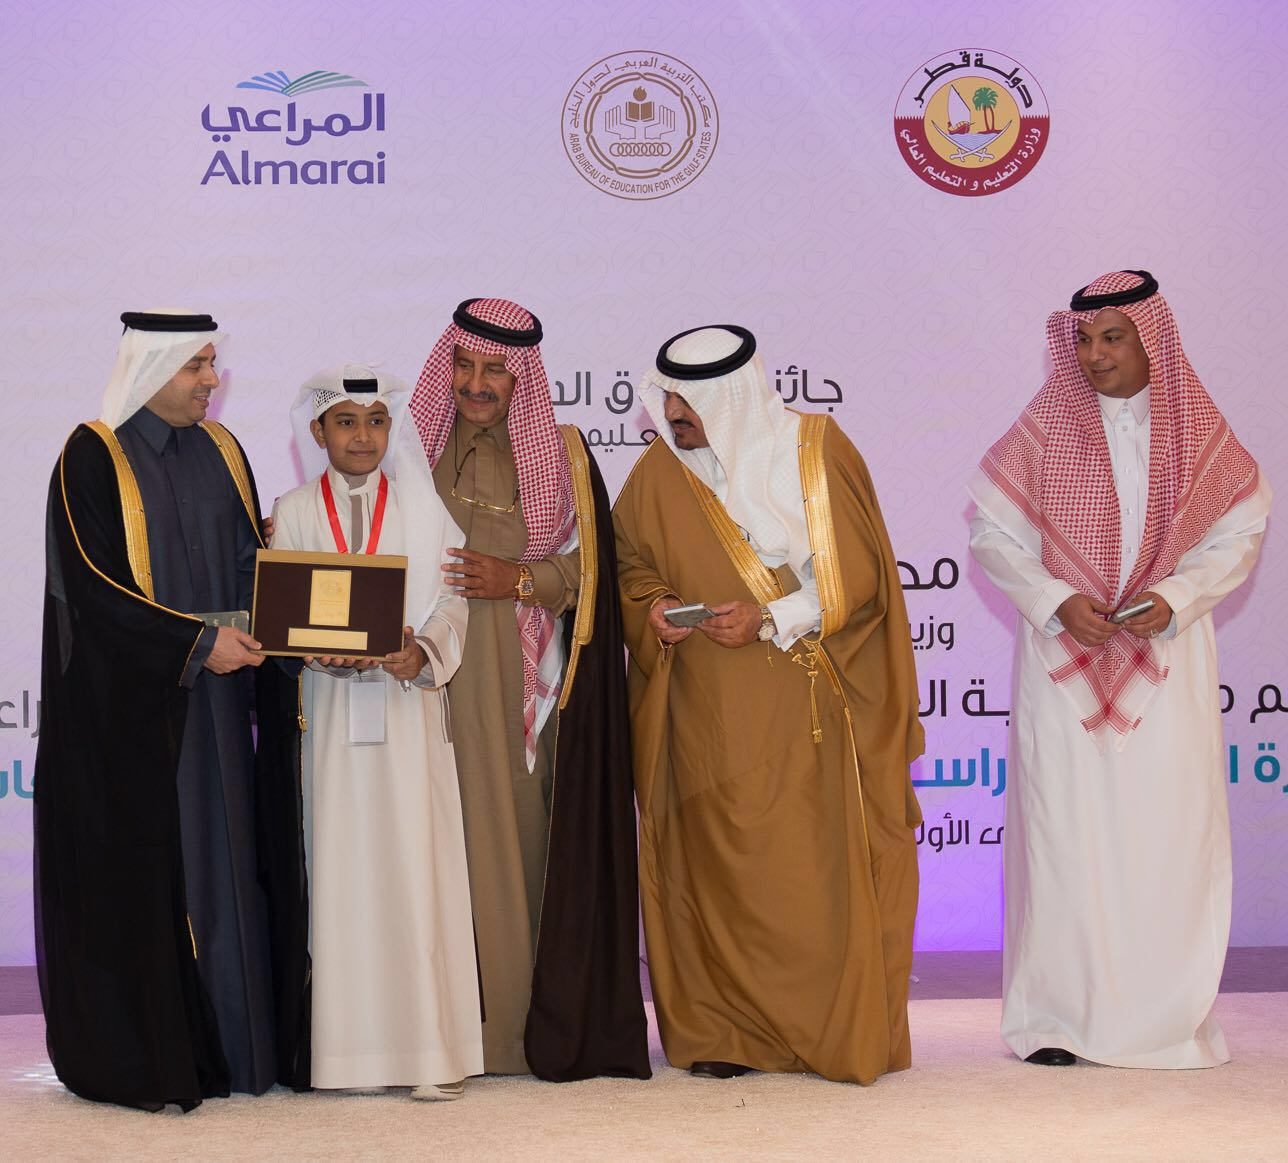 محمد باحارث اول طالب من تعليم الليث يتوج بجائزة التفوق الدراسي على مستوى الخليج العربي (2)